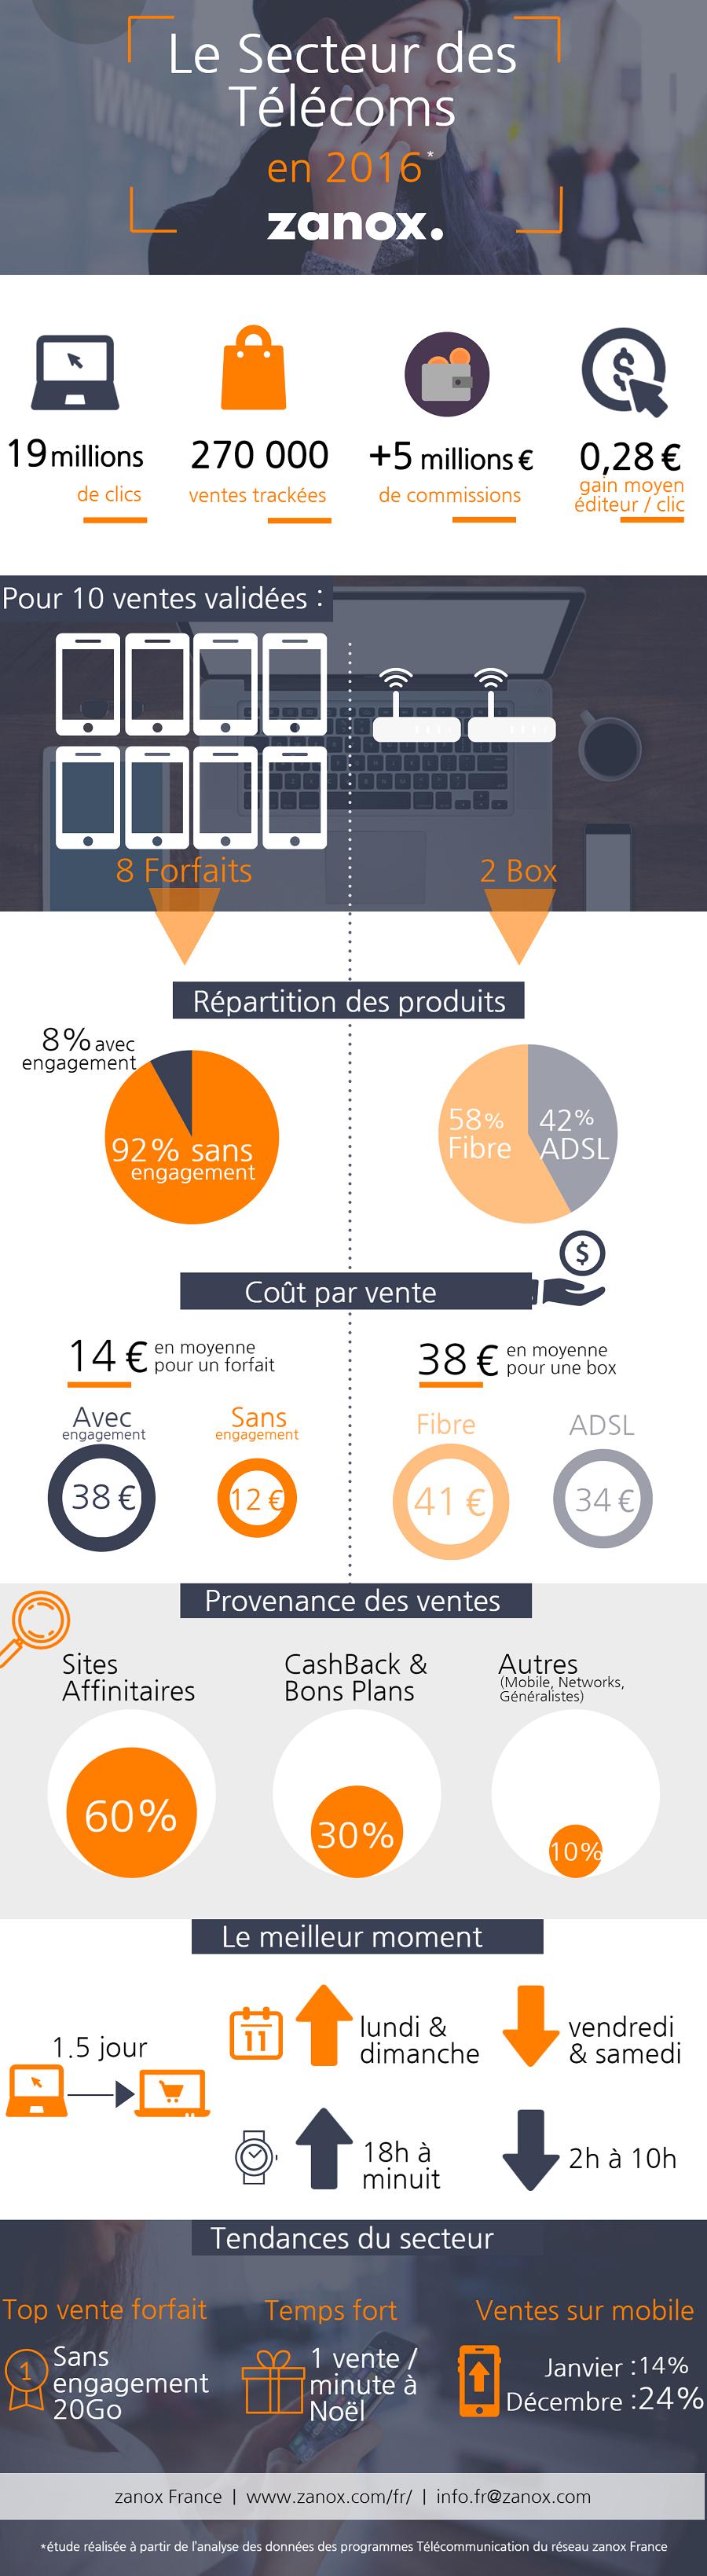 Infographie_Telecom zanox 2016